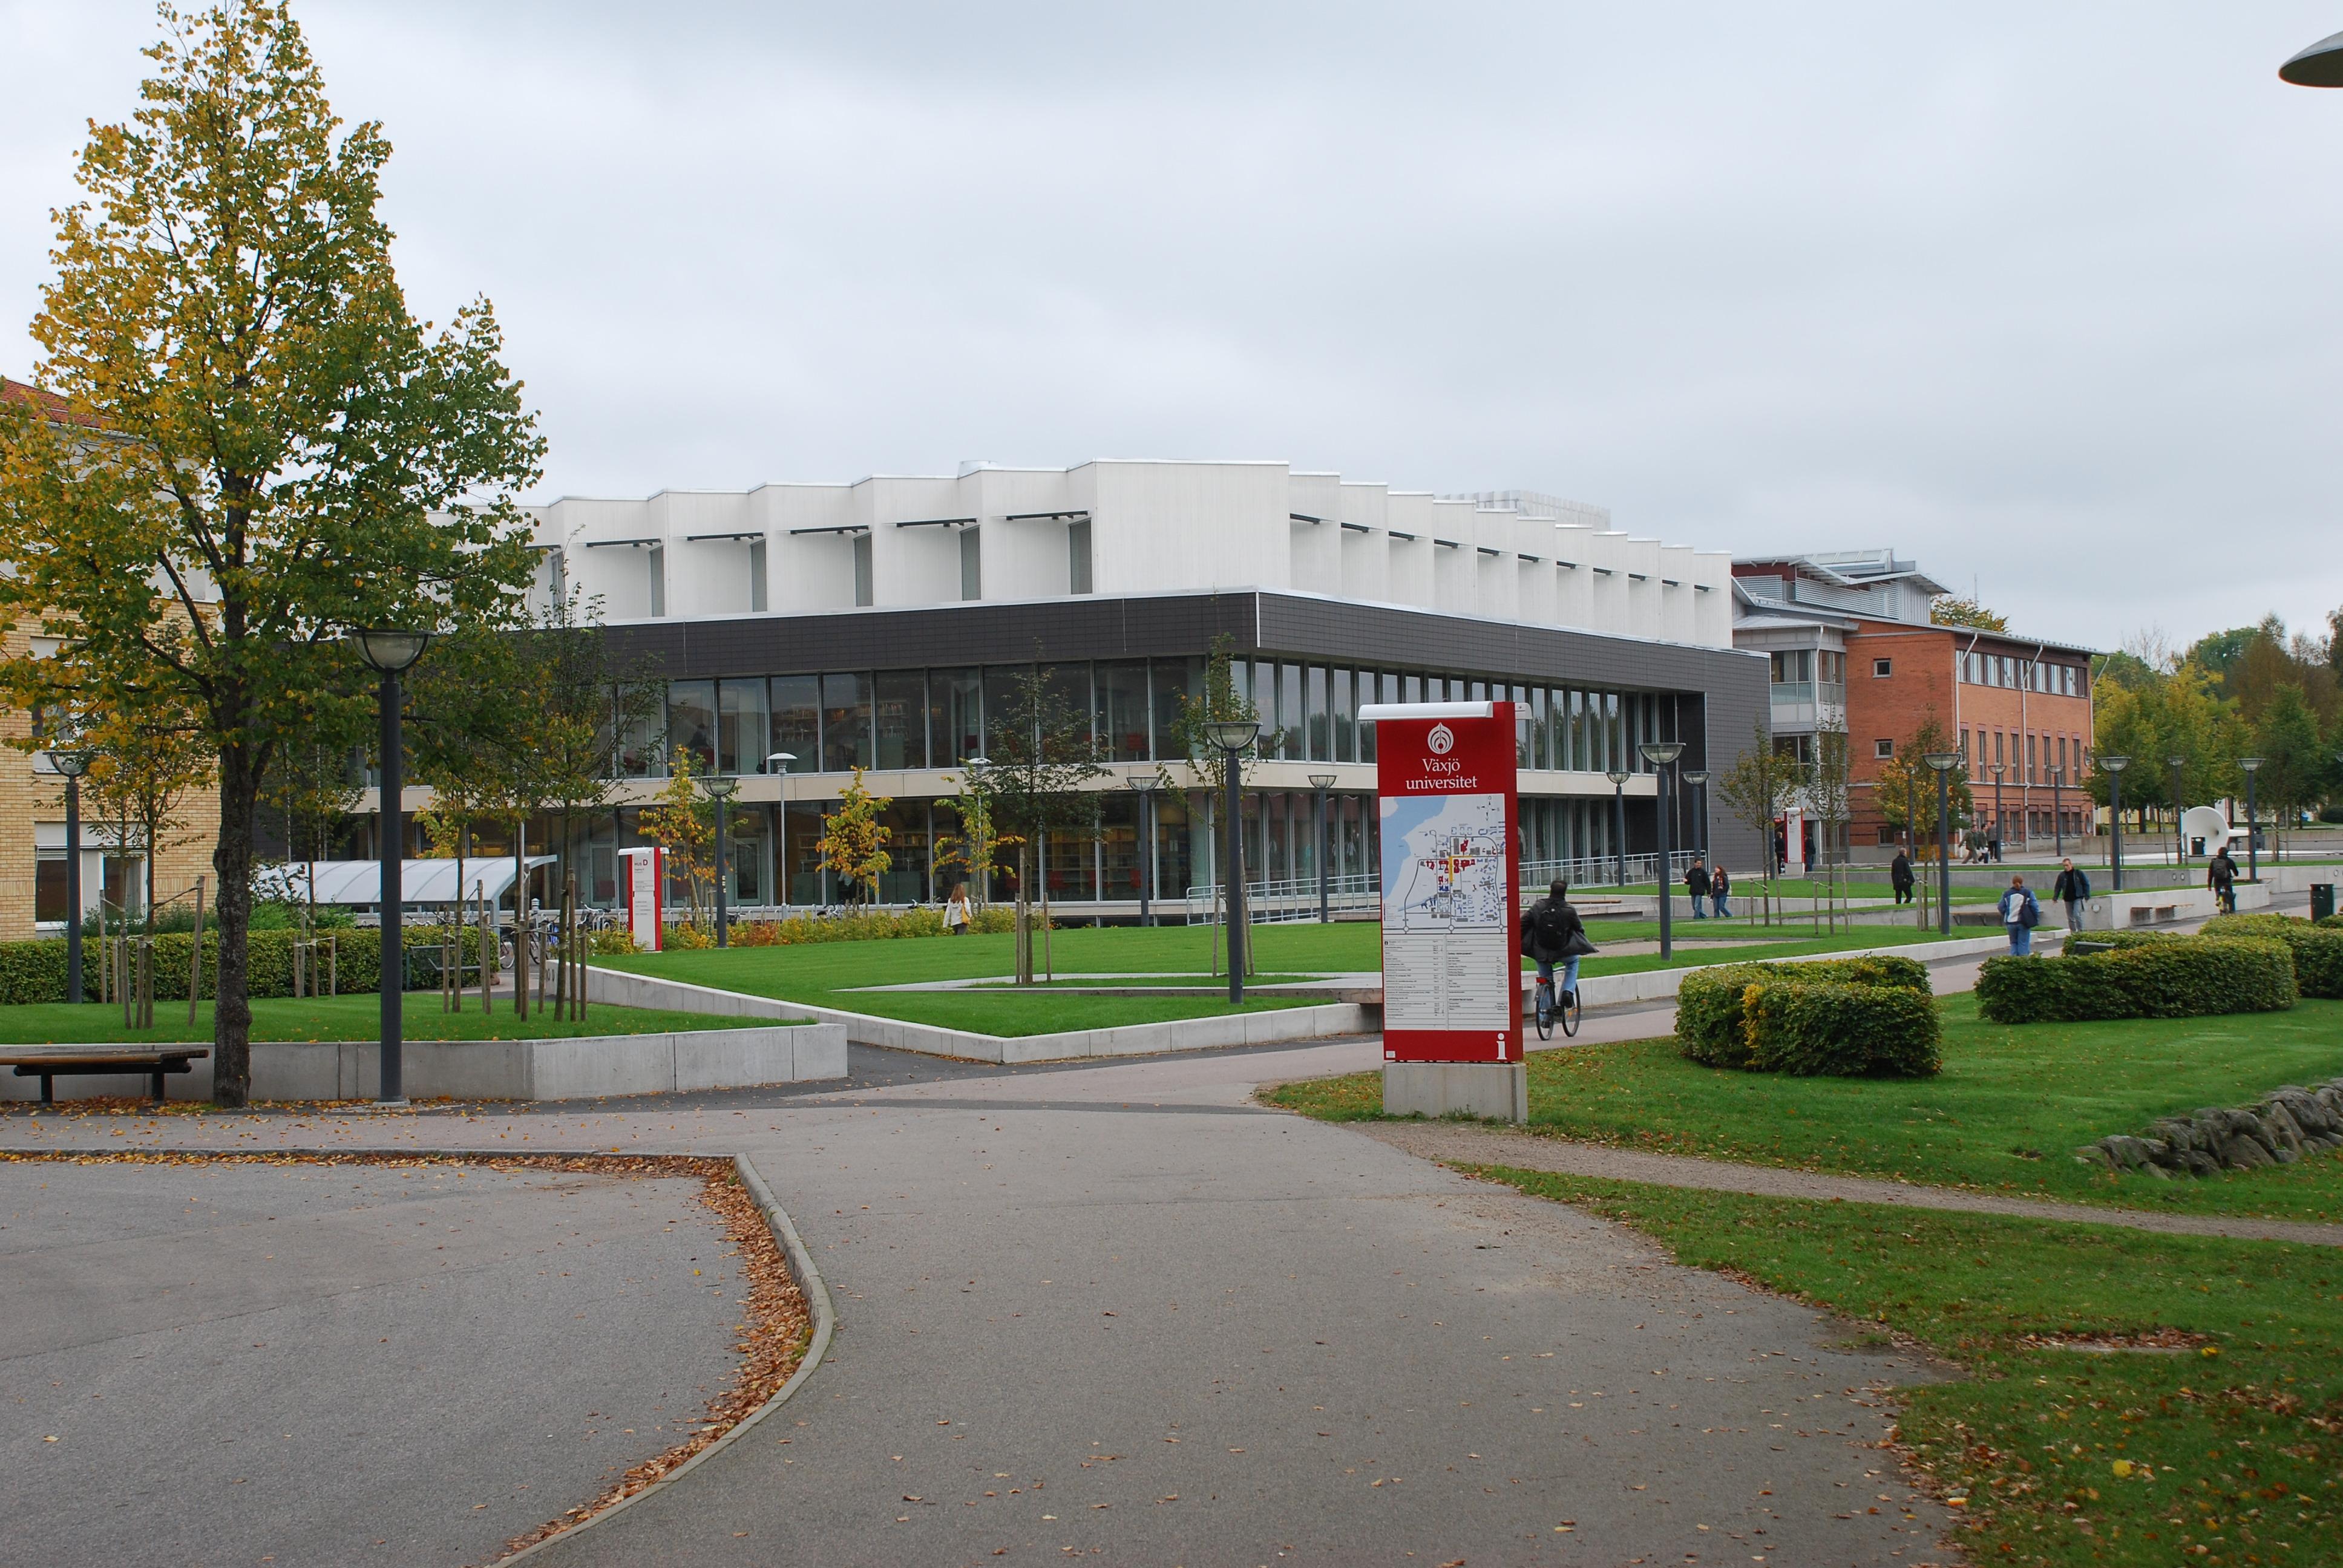 کتابخانه دانشگاه لینوس در سوئد